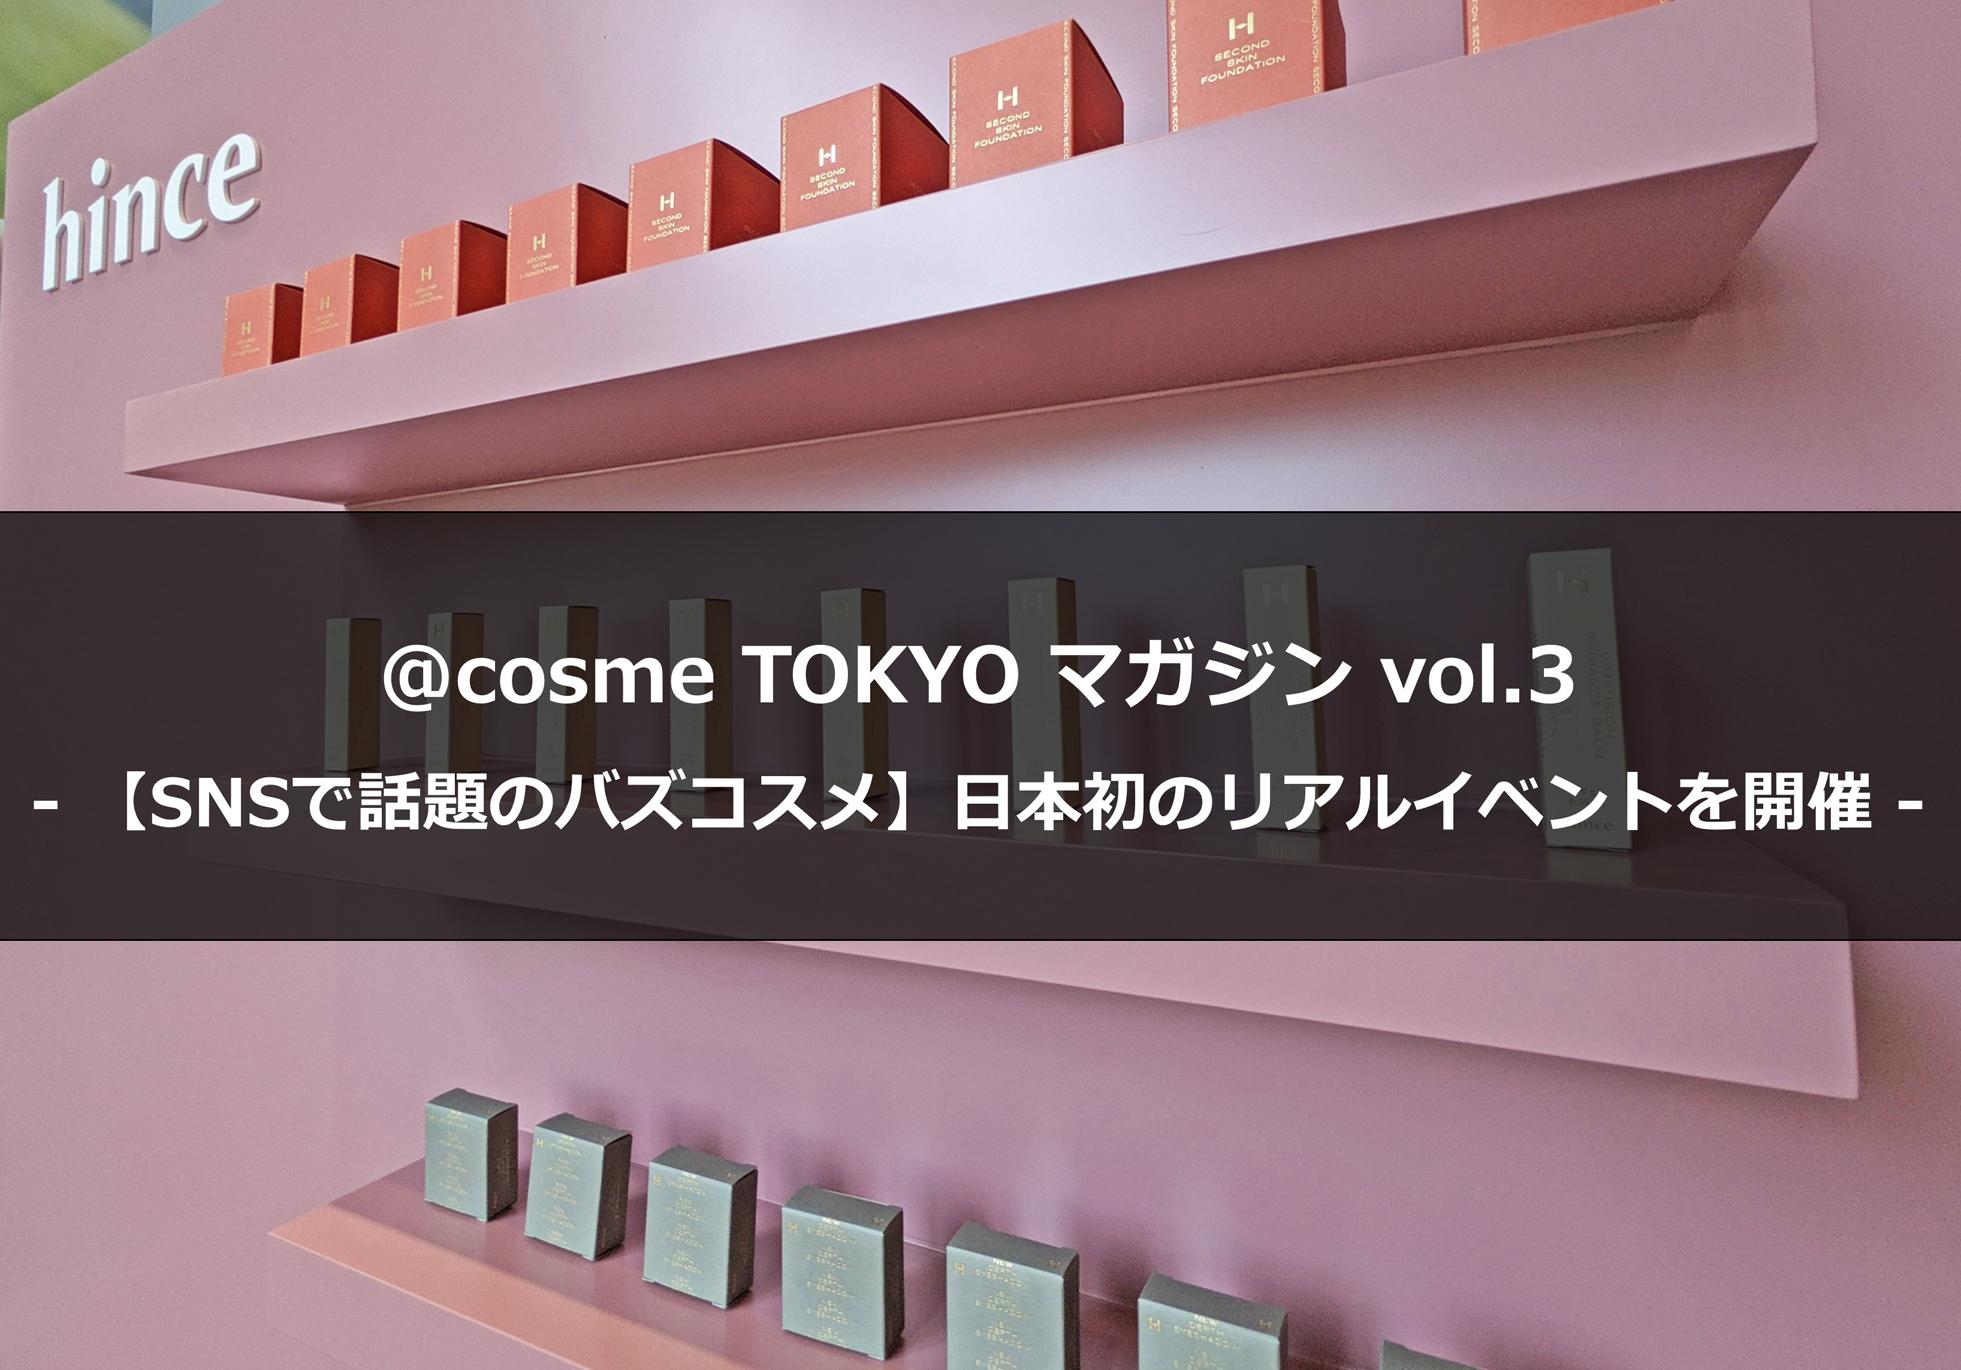 【PR効果抜群】1Fエントランス横のポップアップスペース活用事例|連載:@cosme TOKYOマガジン Vol.3(6月14日号) サムネイル画像